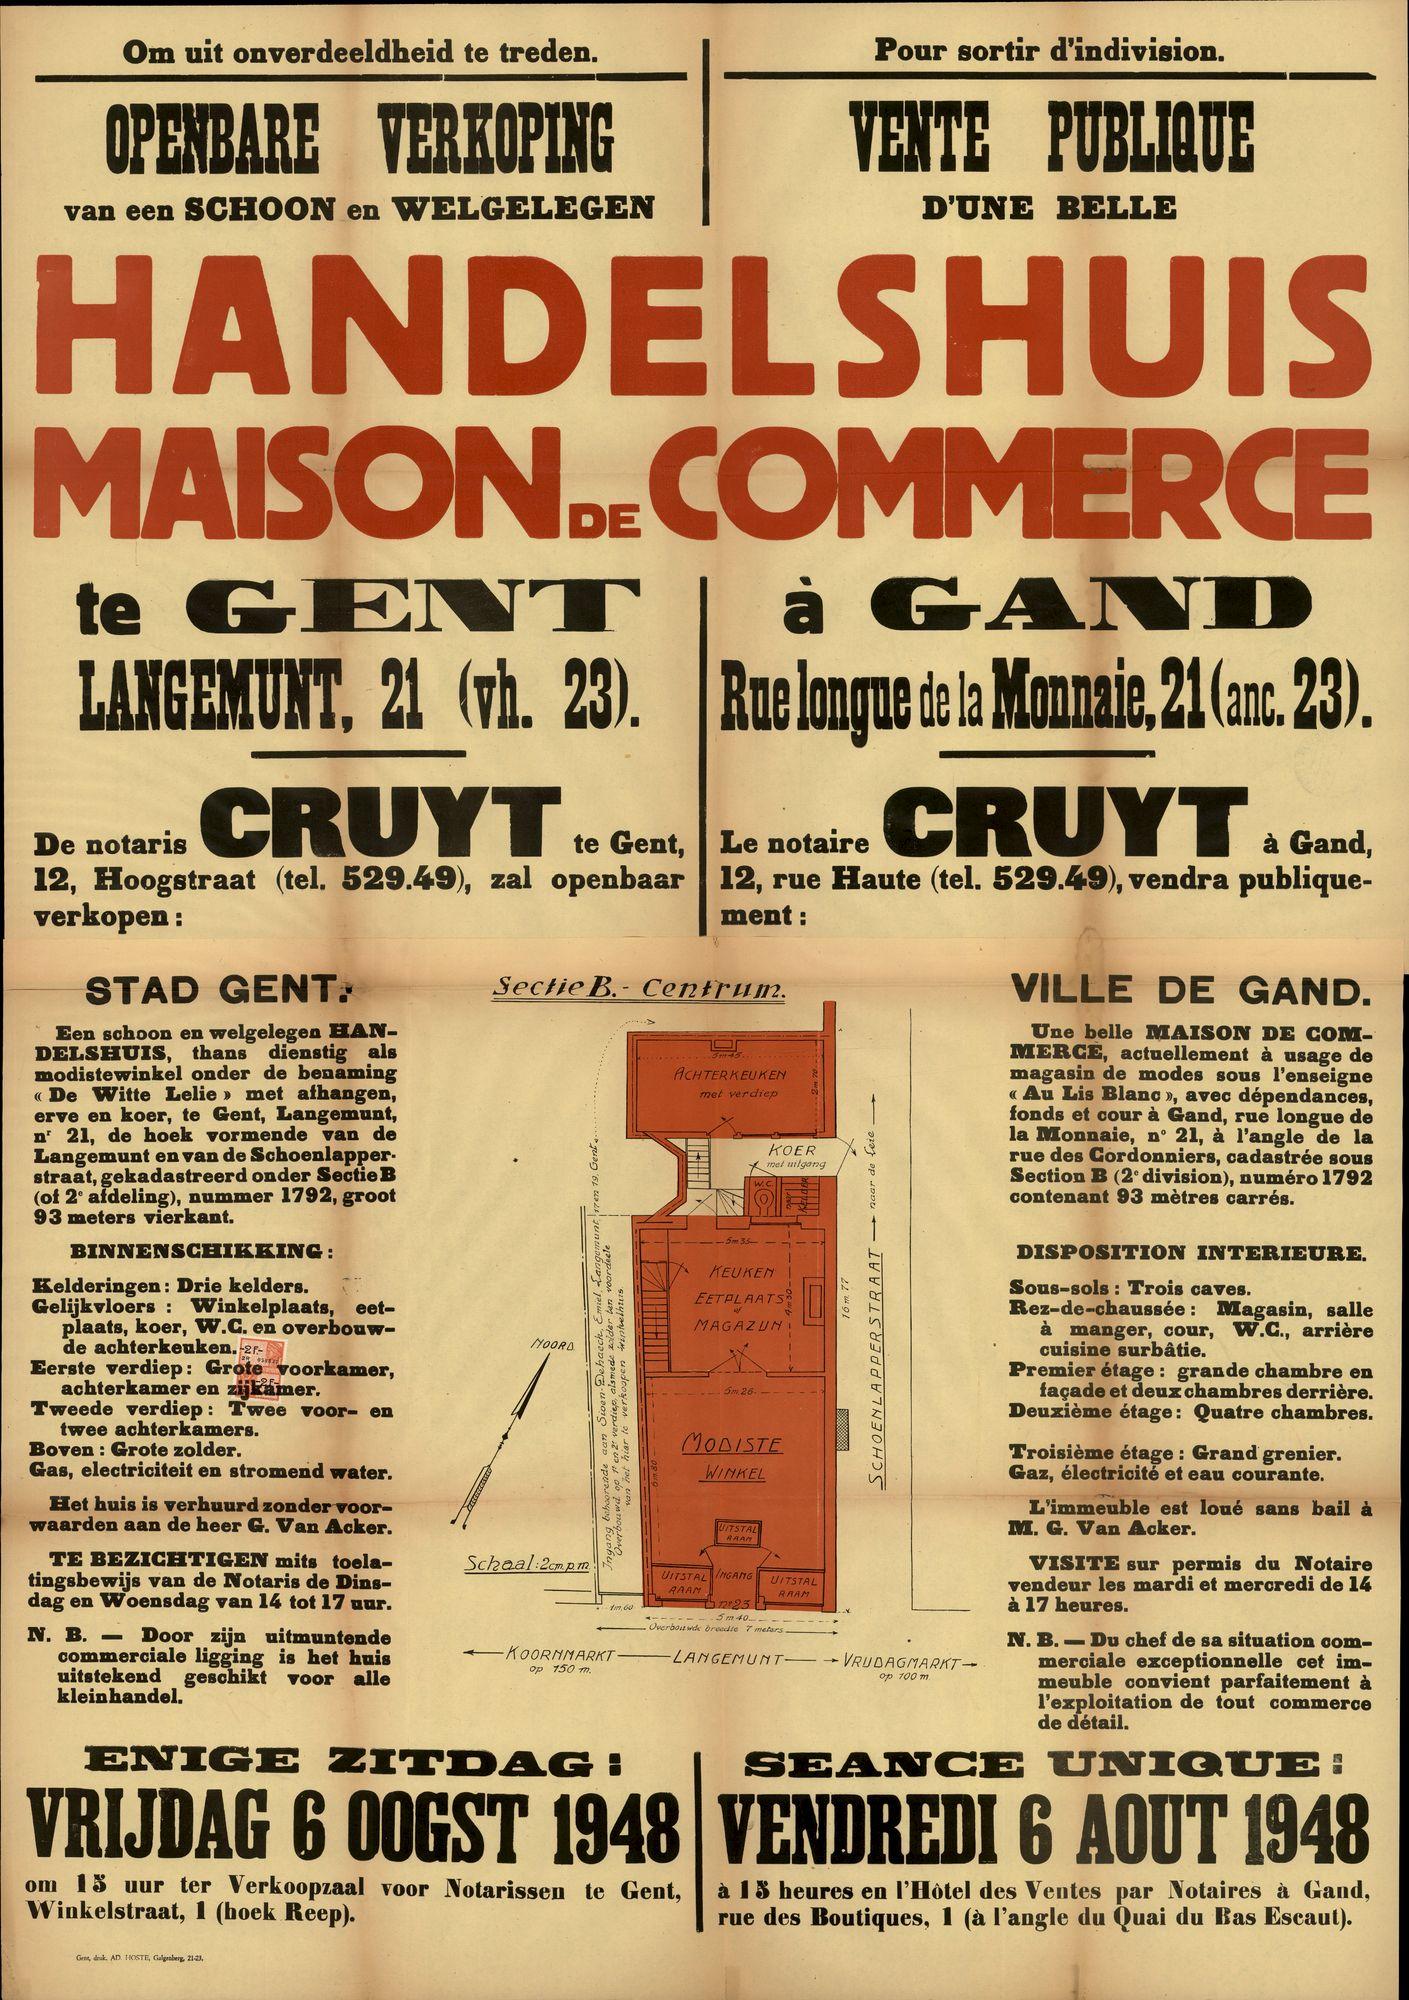 Openbare verkoop van een schoon en welgelegen handelshuis te Gent, Langemunt, nr.21 (vh. 23), Gent, 6 augustus 1948